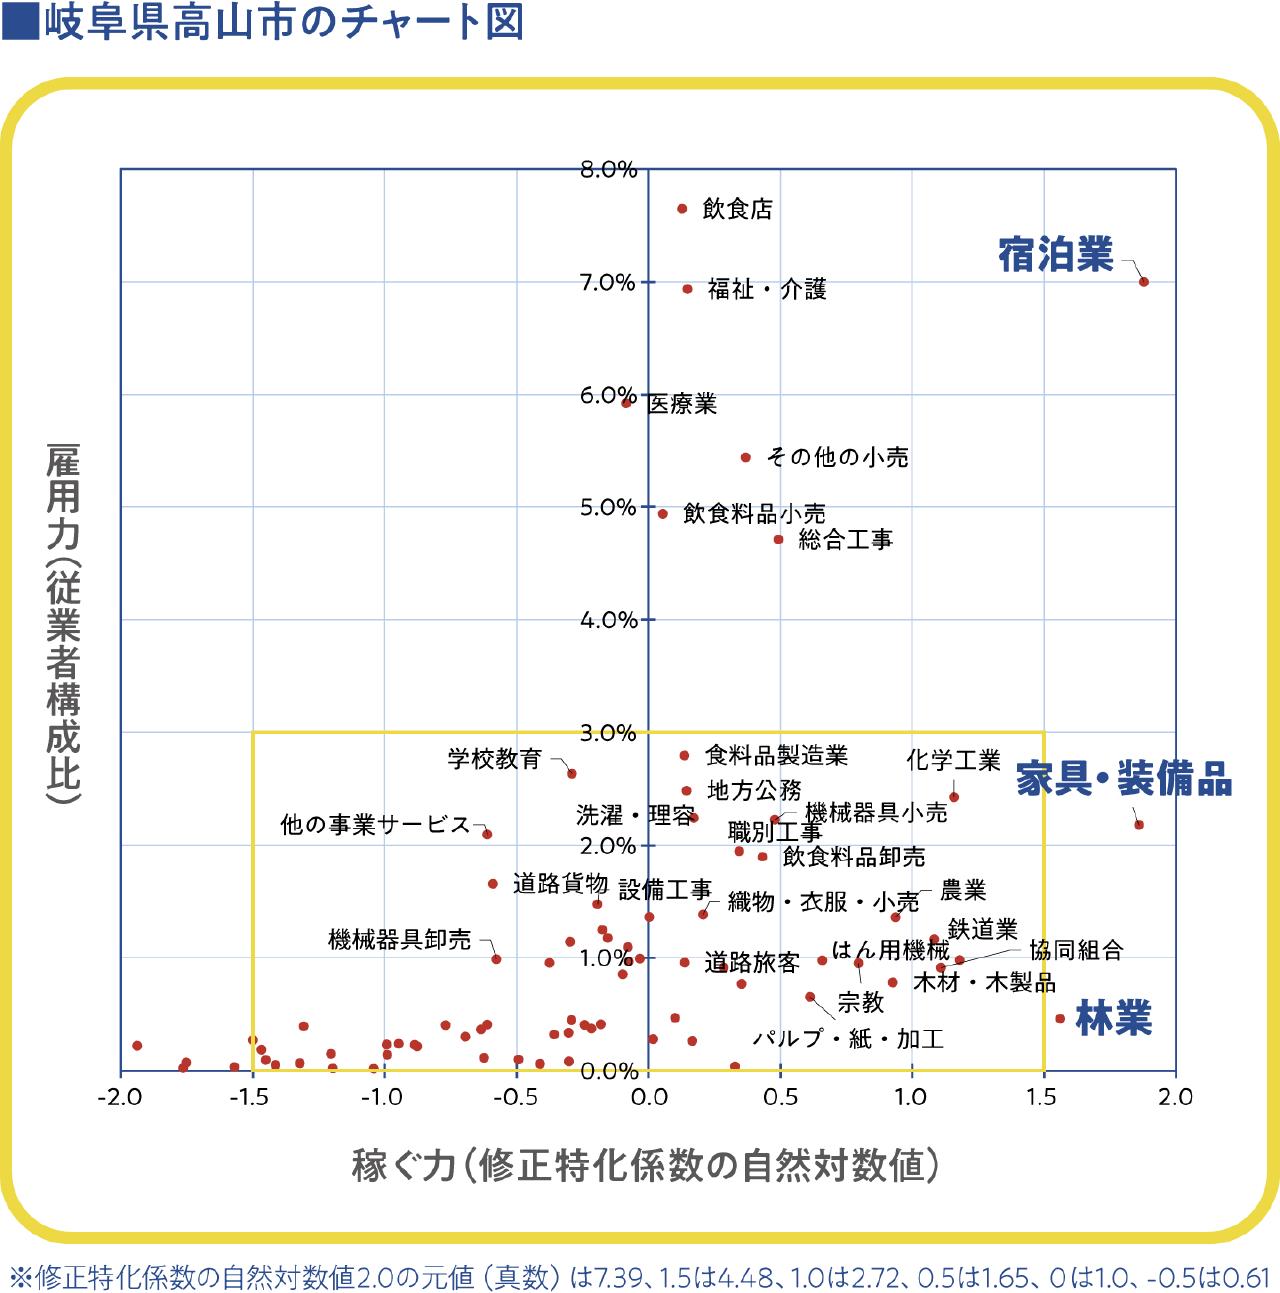 岐阜県高山市のチャート図